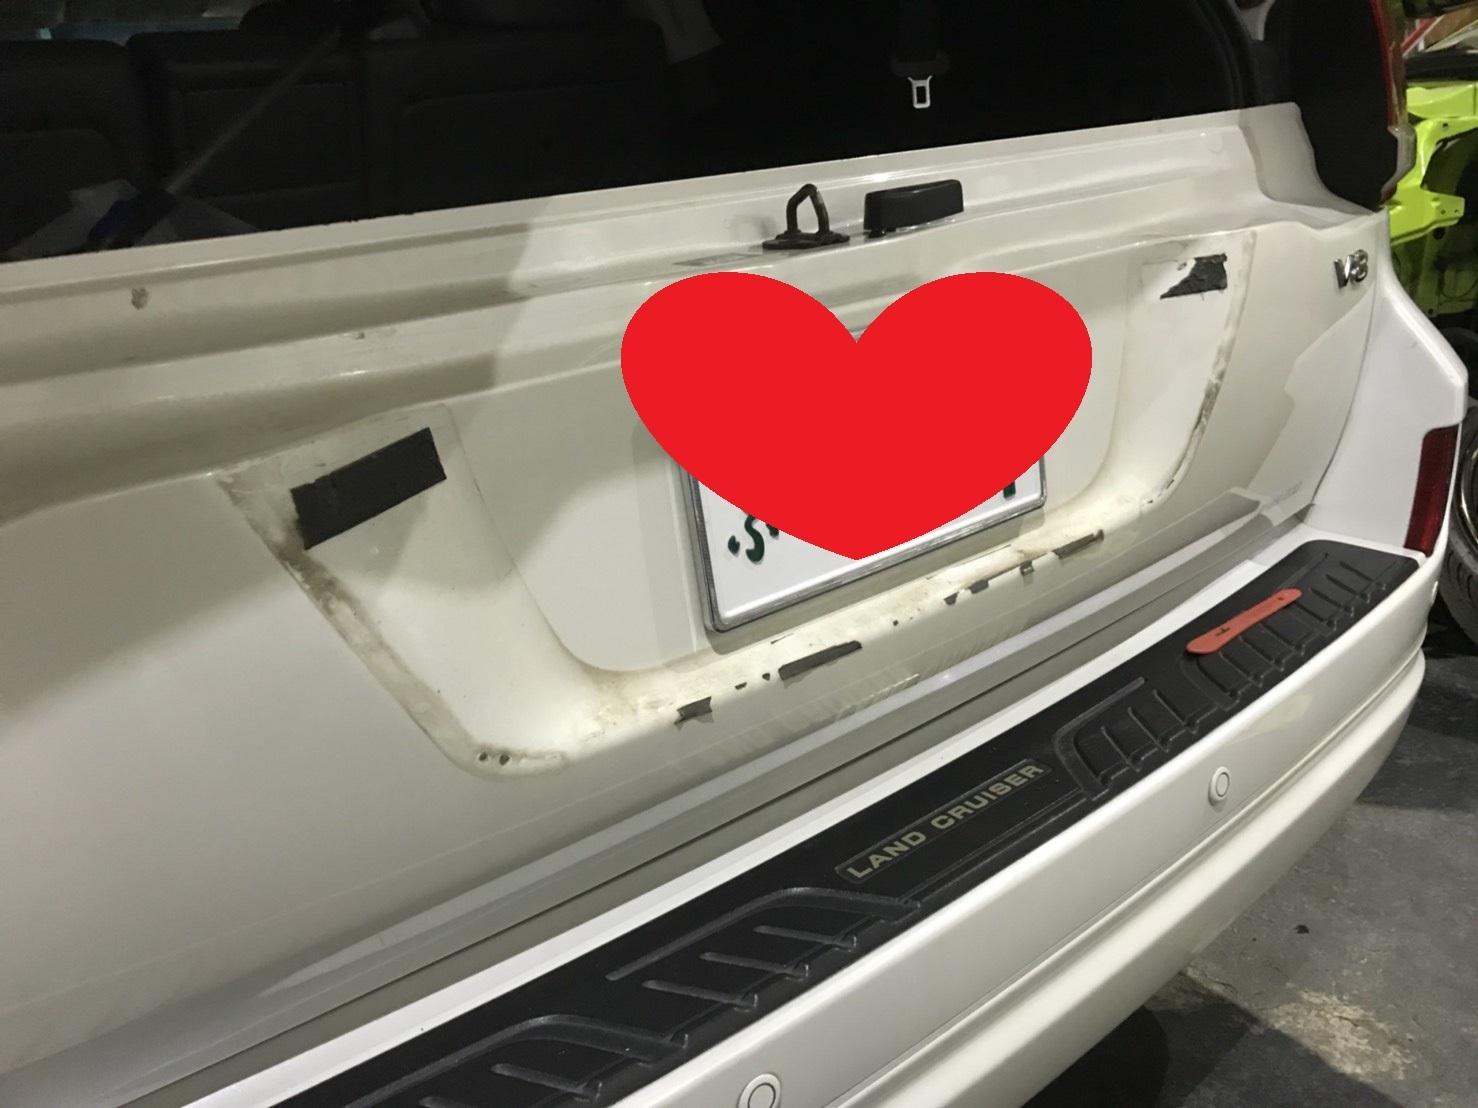 3月30日(金)トミーベース カスタムブログ☆S社様、新車のヴェルファイア到着☆カマロカスタム中☆_b0127002_11582864.jpg